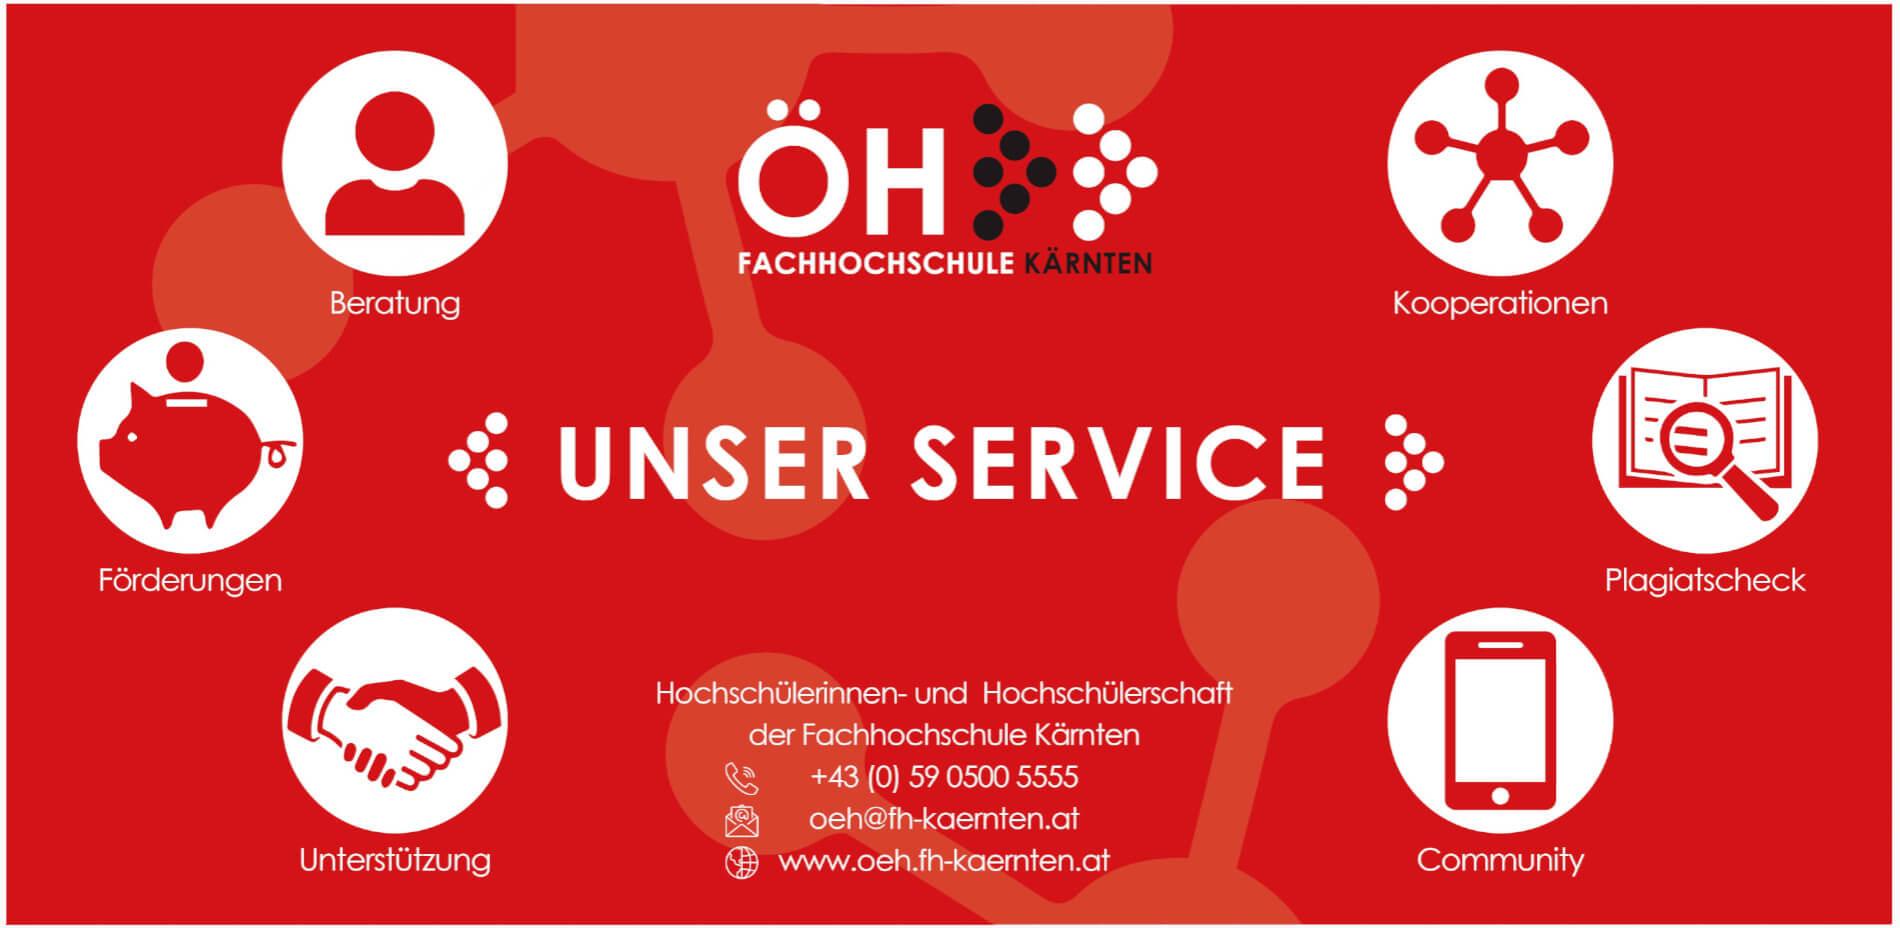 ÖH-FH Kärnten